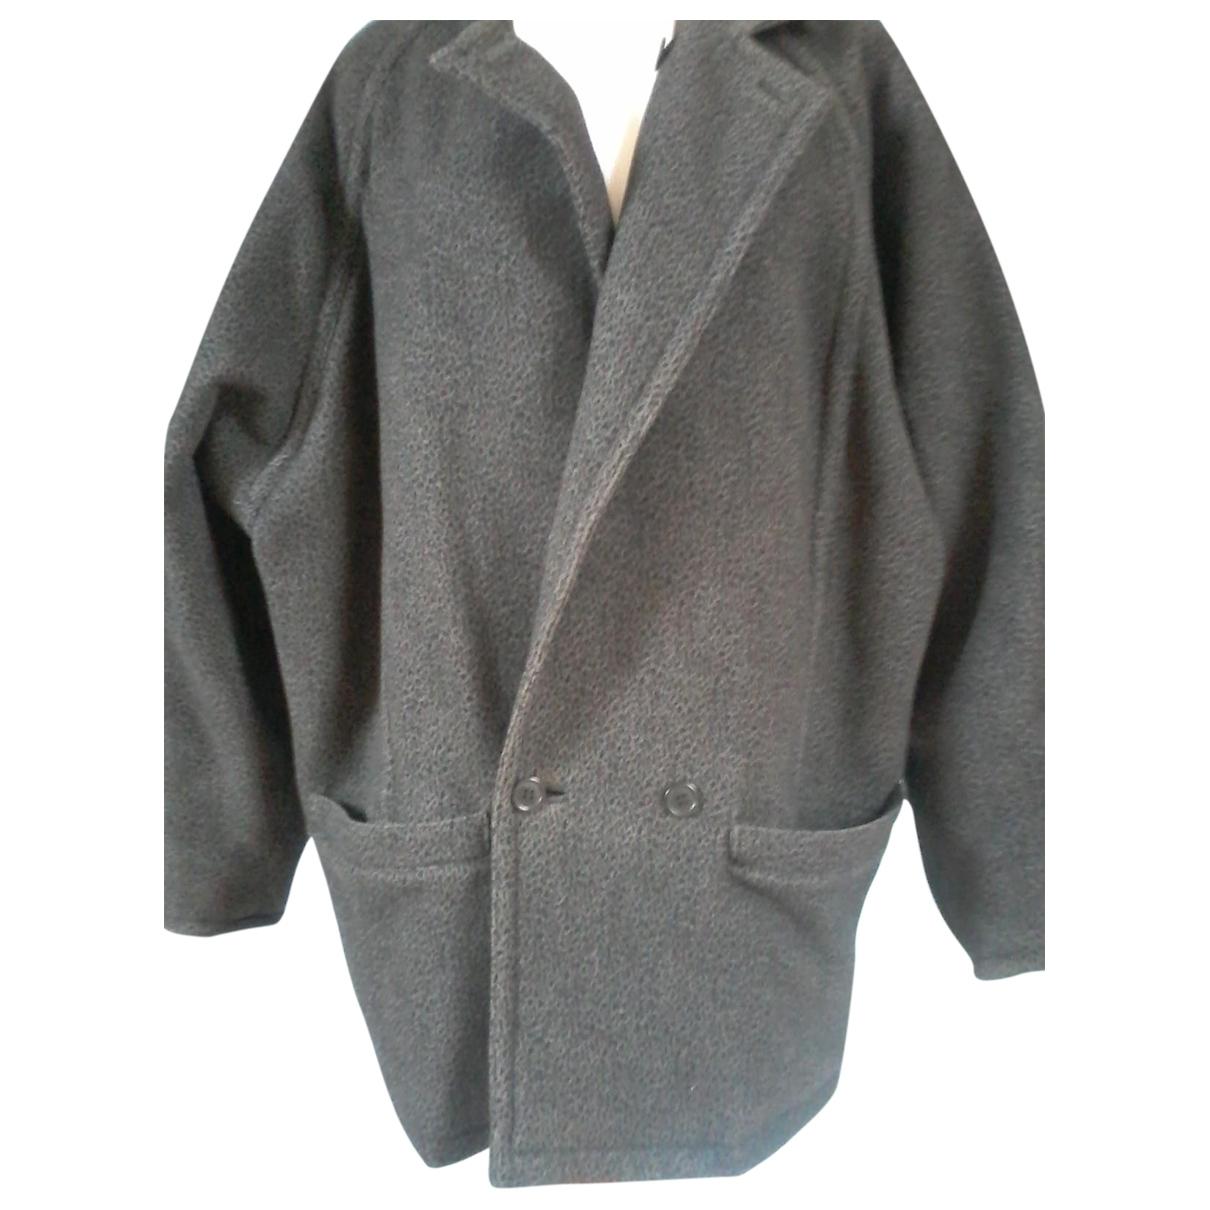 Gianni Versace - Manteau   pour homme en laine - gris